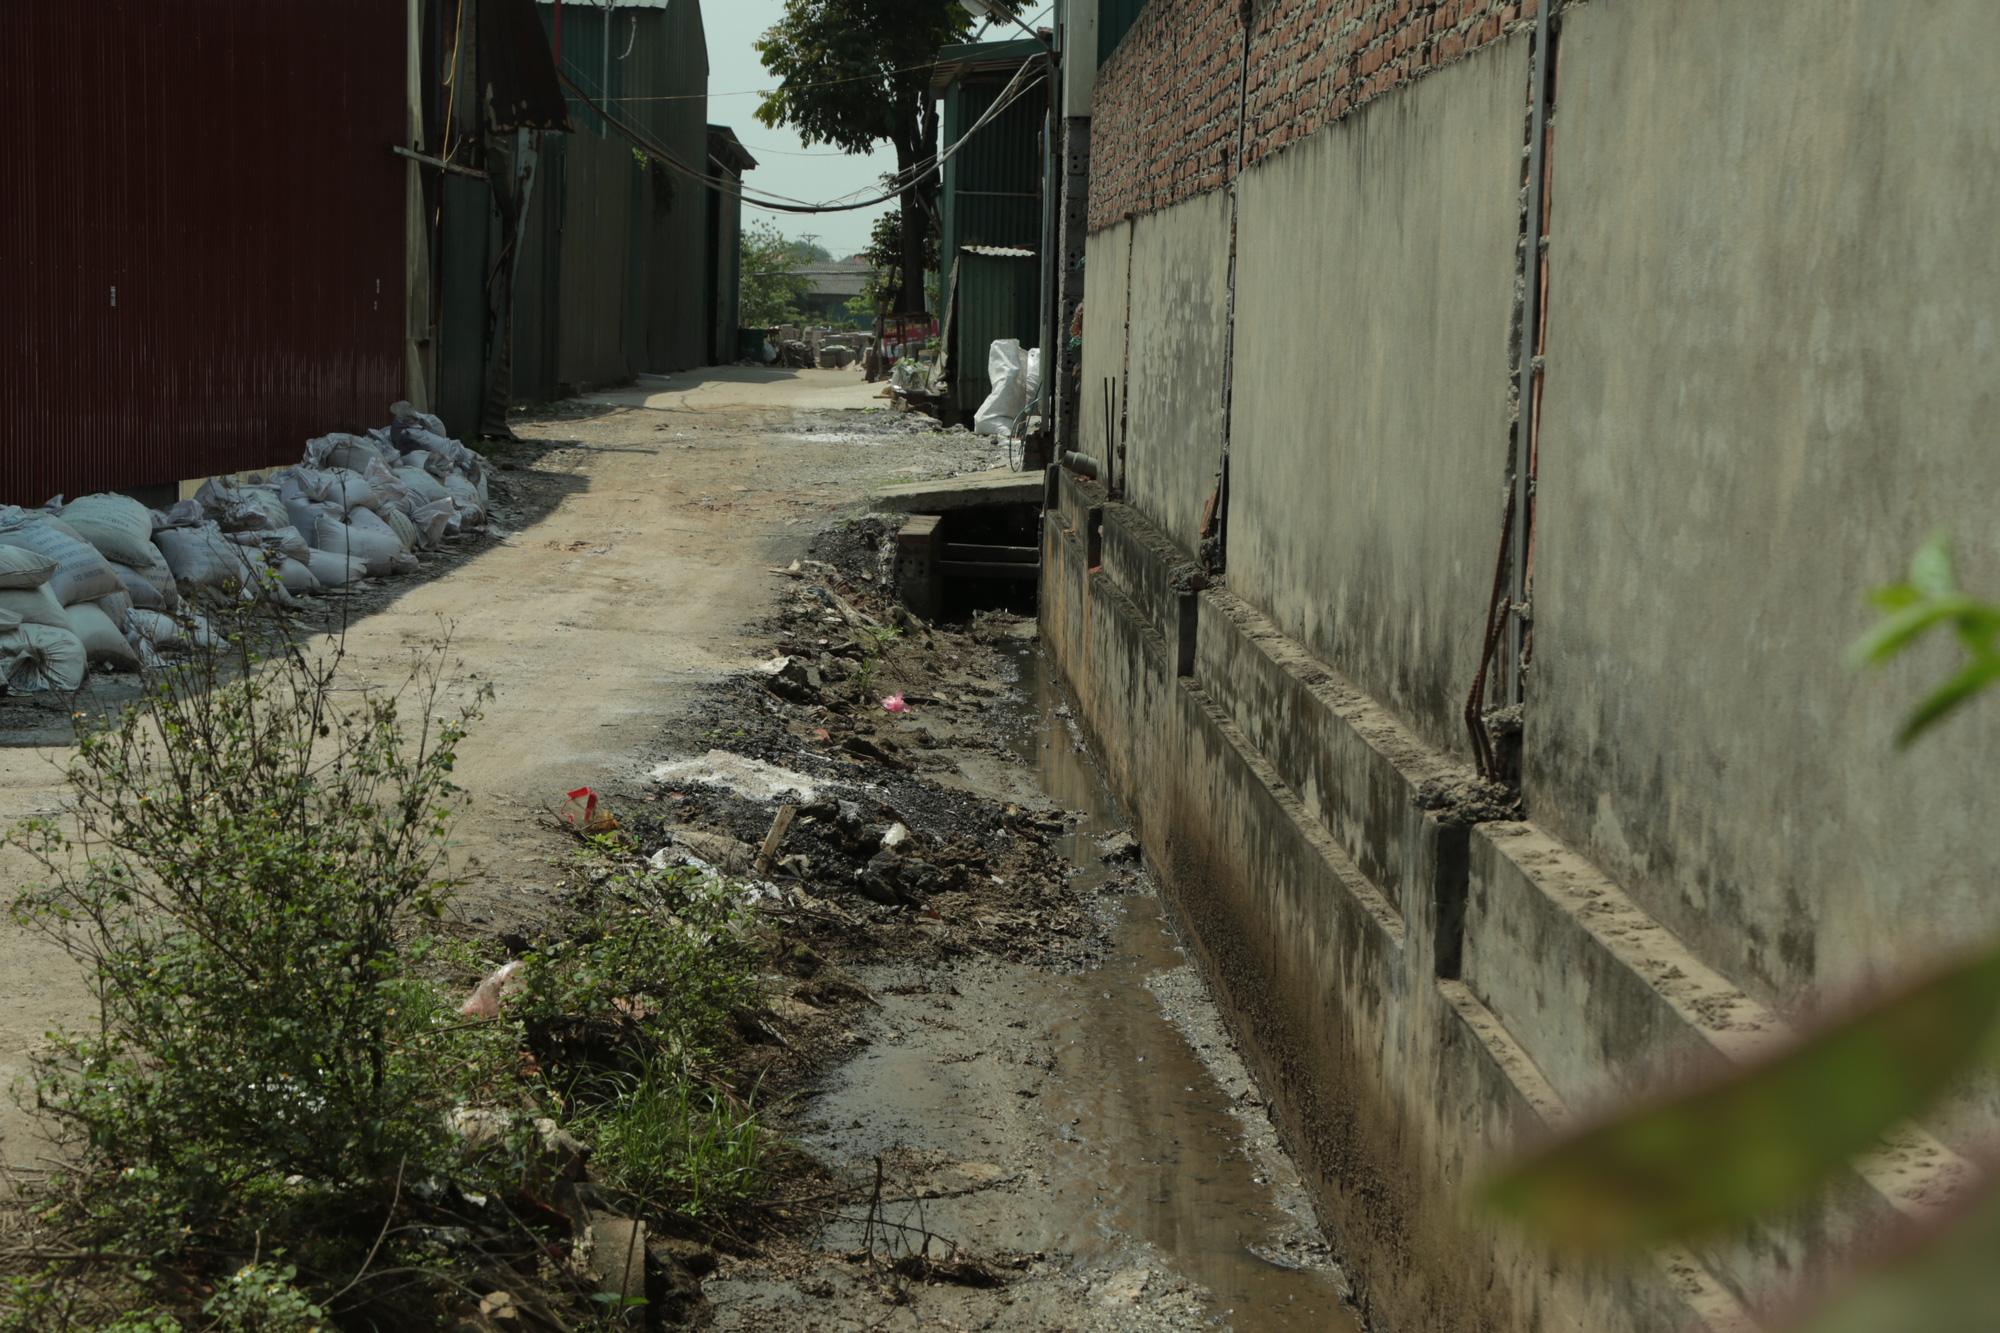 Cận cảnh tình trạng ô nhiễm khủng khiếp tại Hoài Đức, Hà Nội - Ảnh 8.